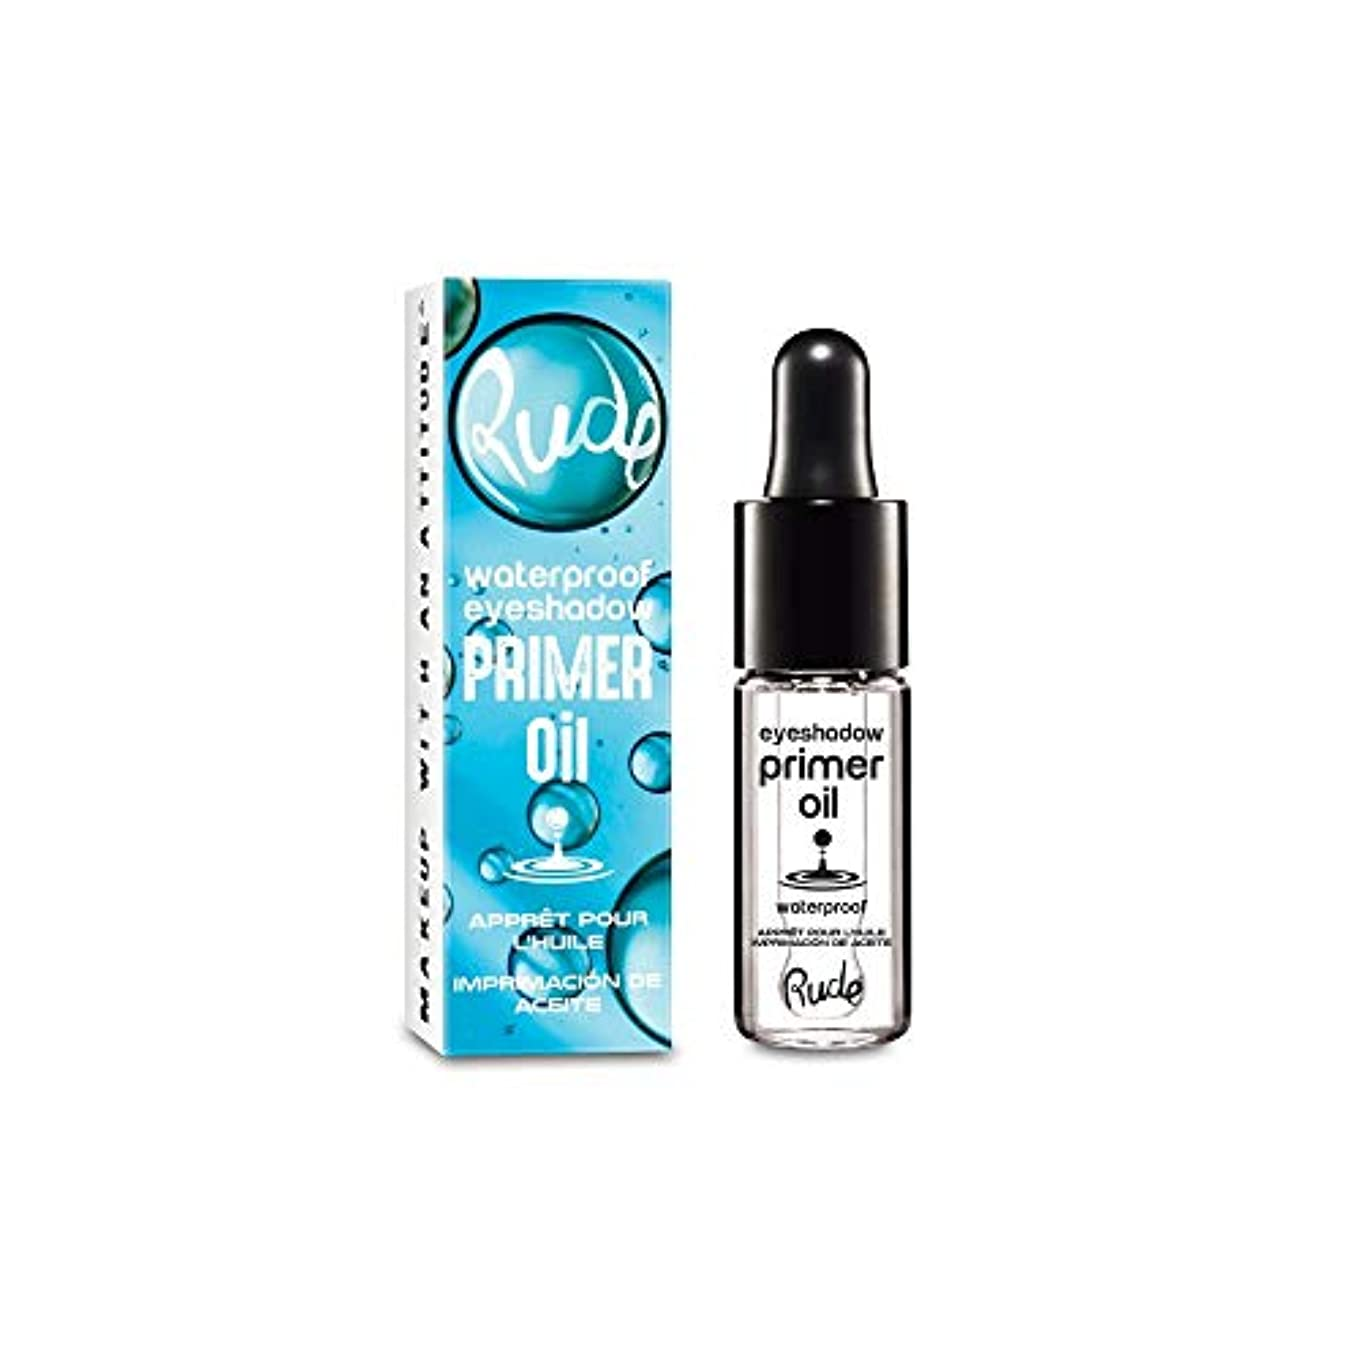 危険な近代化するアクロバット(3 Pack) RUDE Waterproof Eyeshadow Primer Oil (並行輸入品)